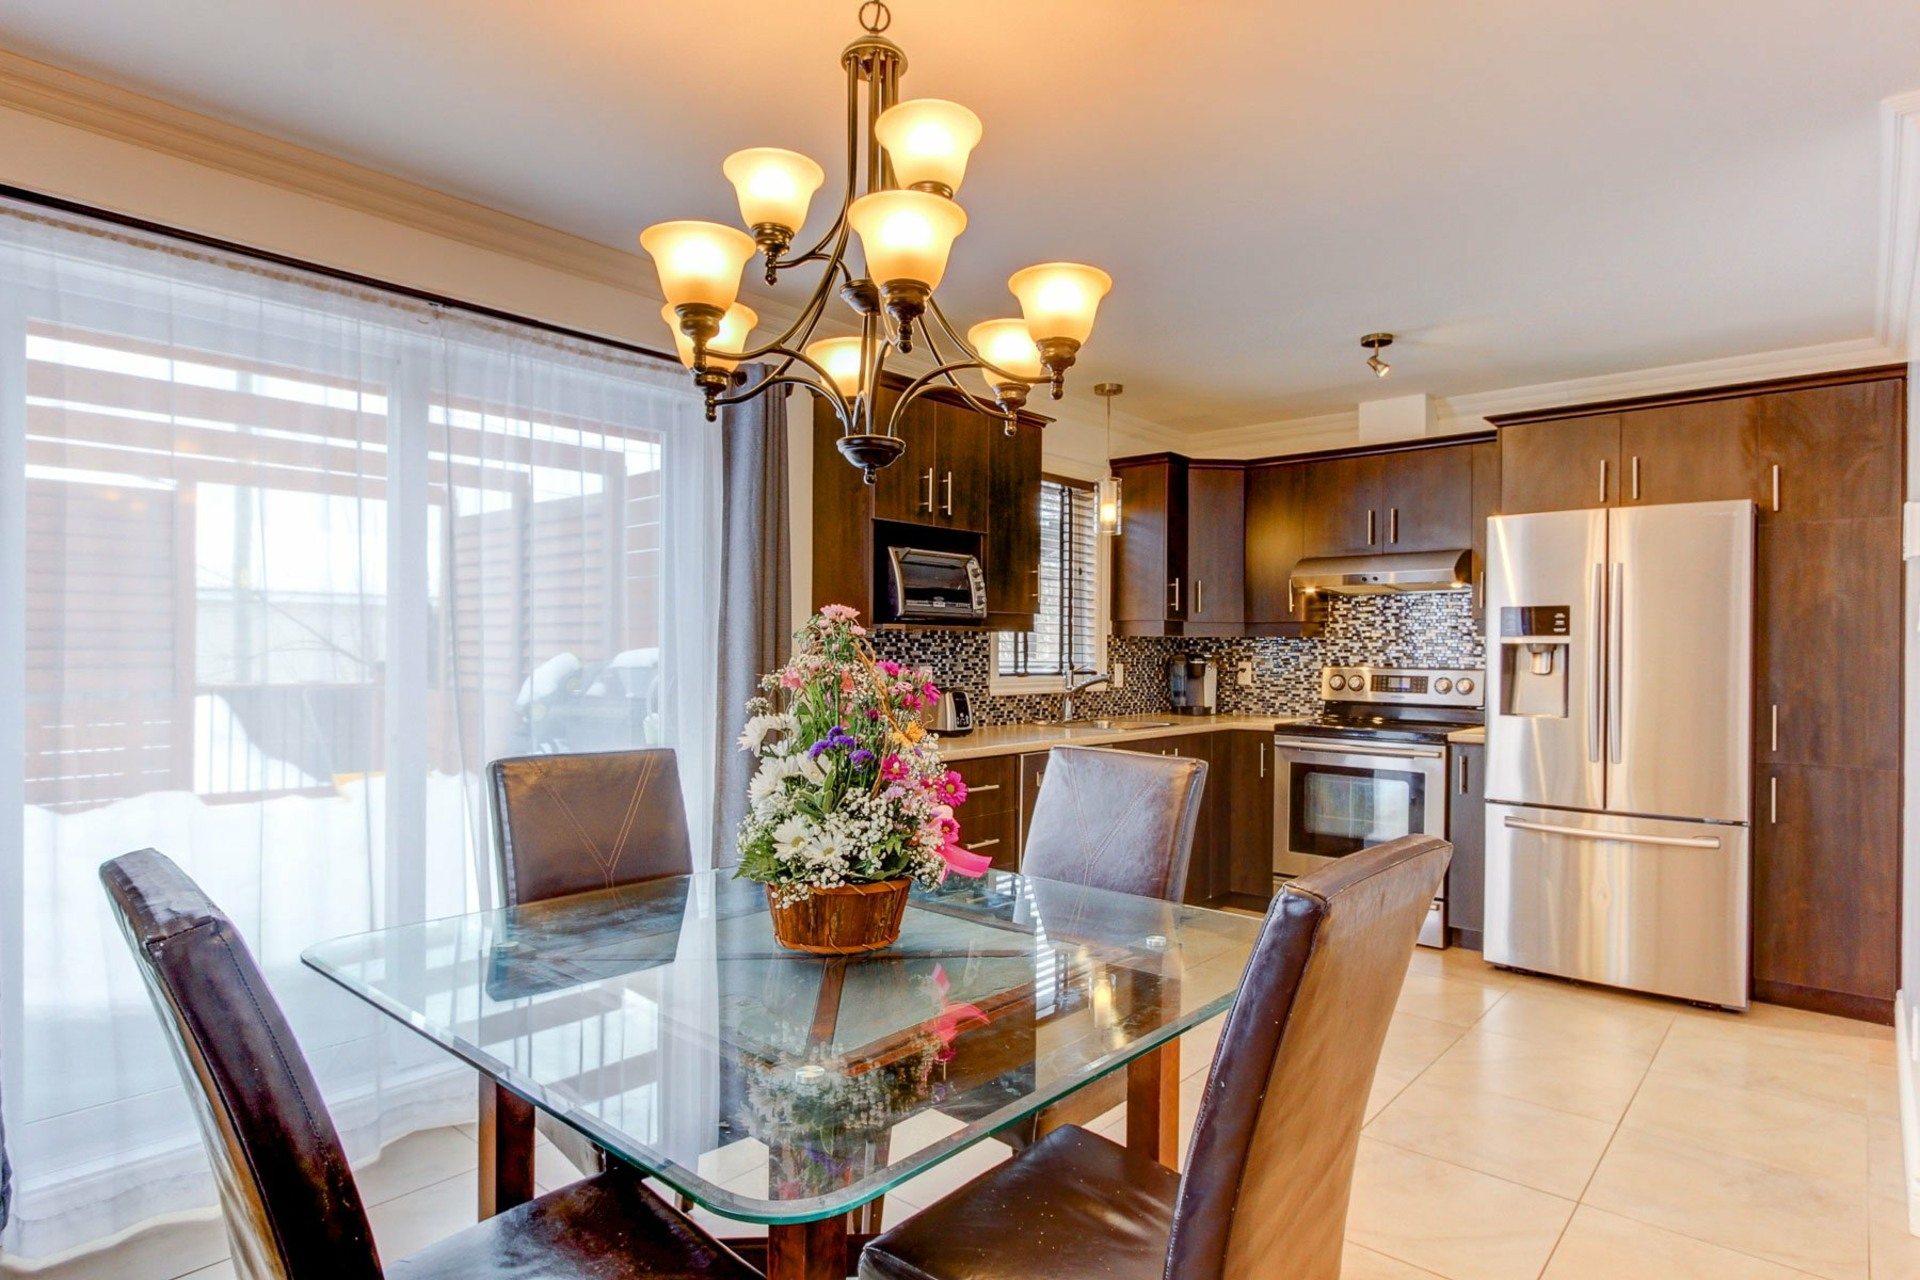 image 4 - Maison À vendre Trois-Rivières - 12 pièces